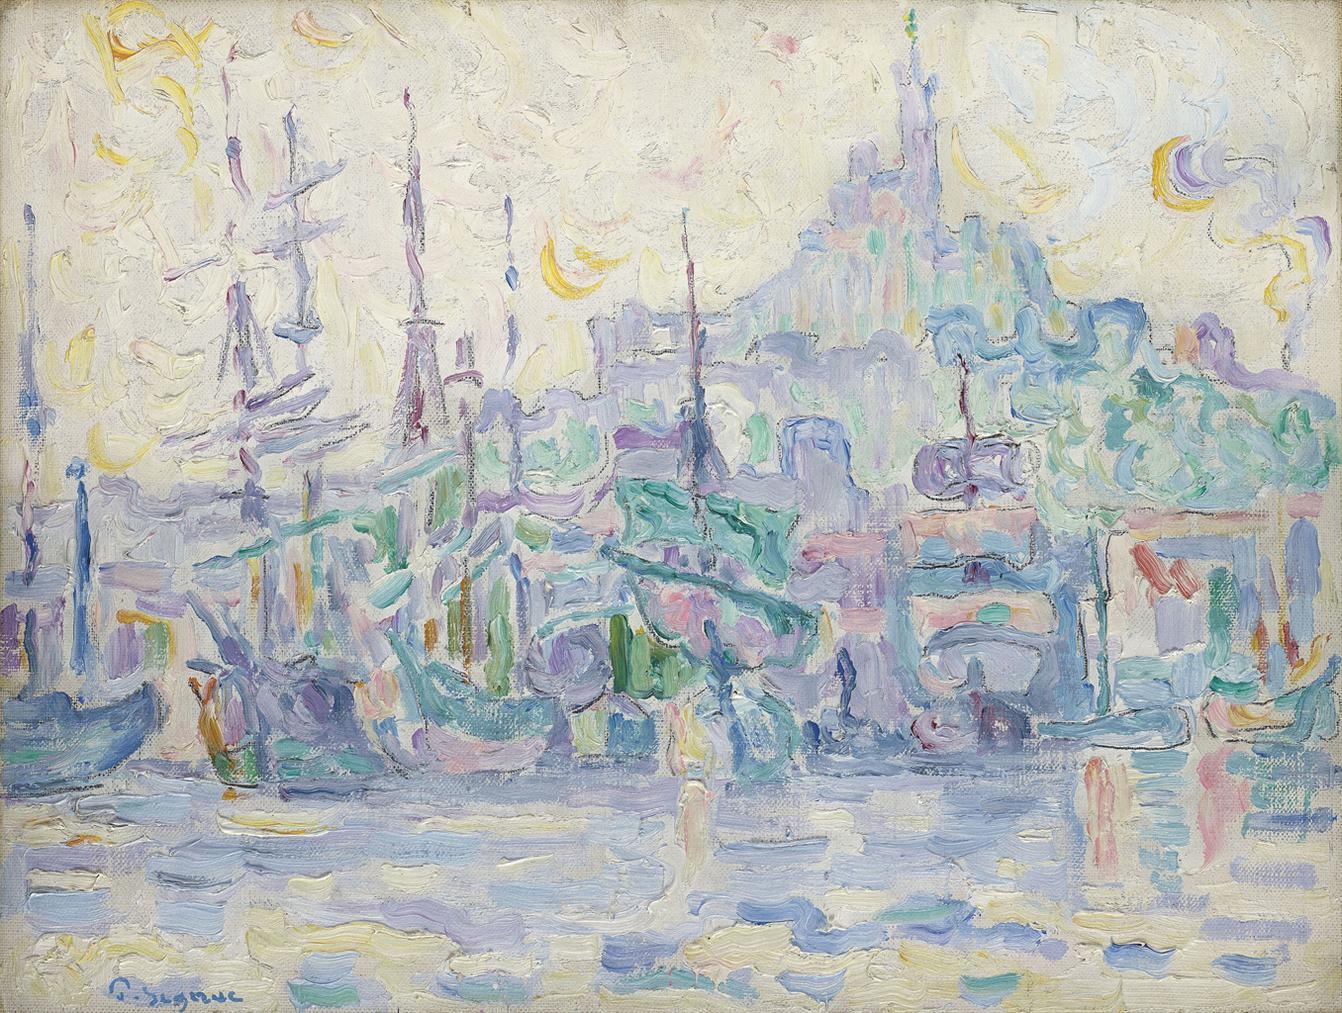 Paul Signac-La Bonne Mere, Marseille (Etude)-1907